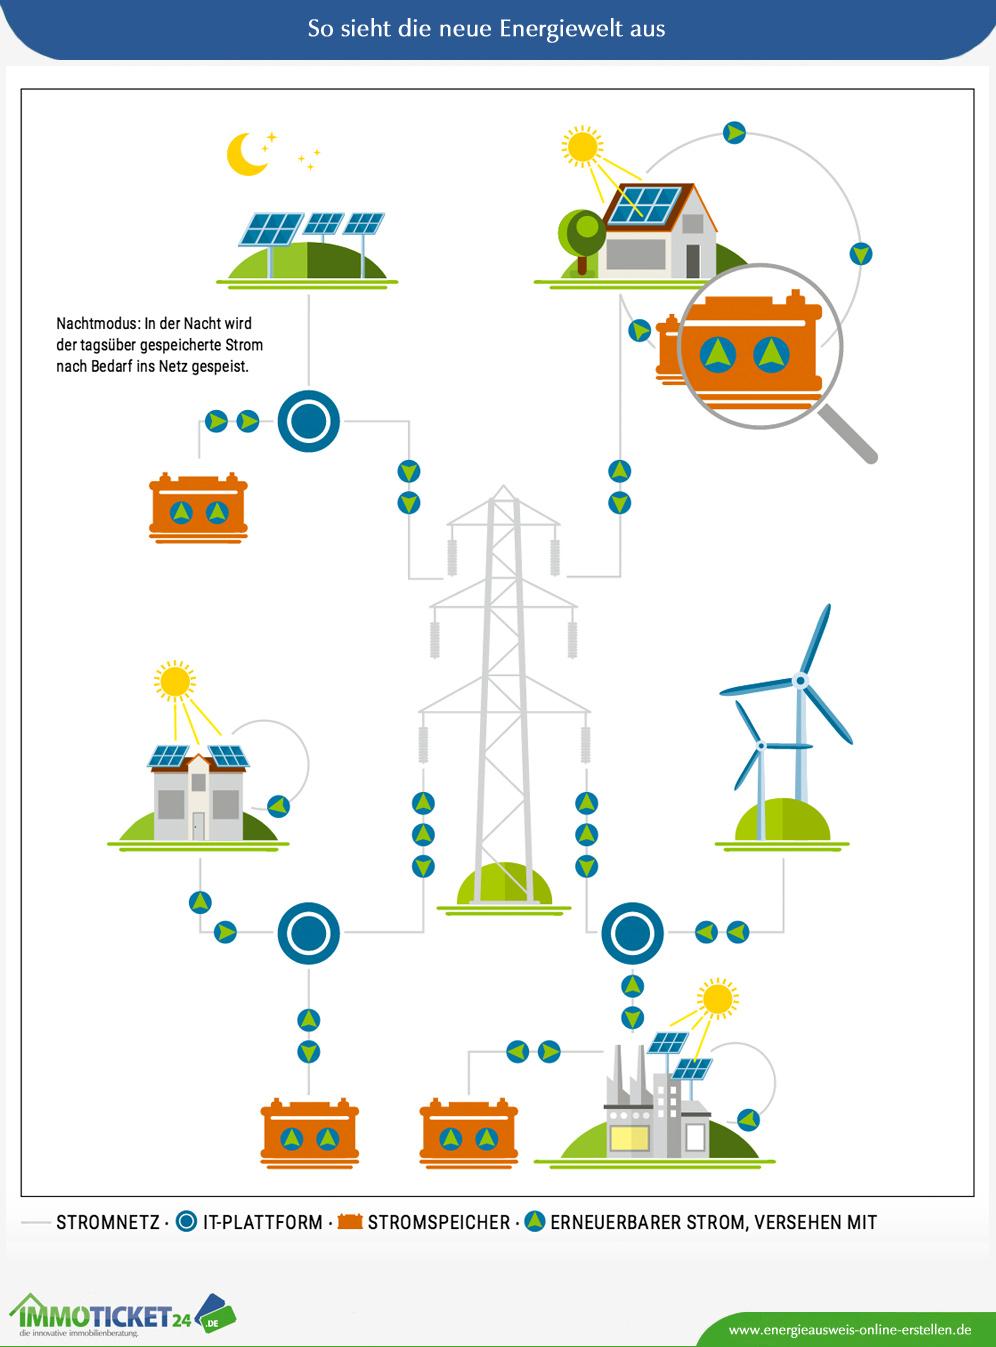 So sieht die neue Energiewelt aus